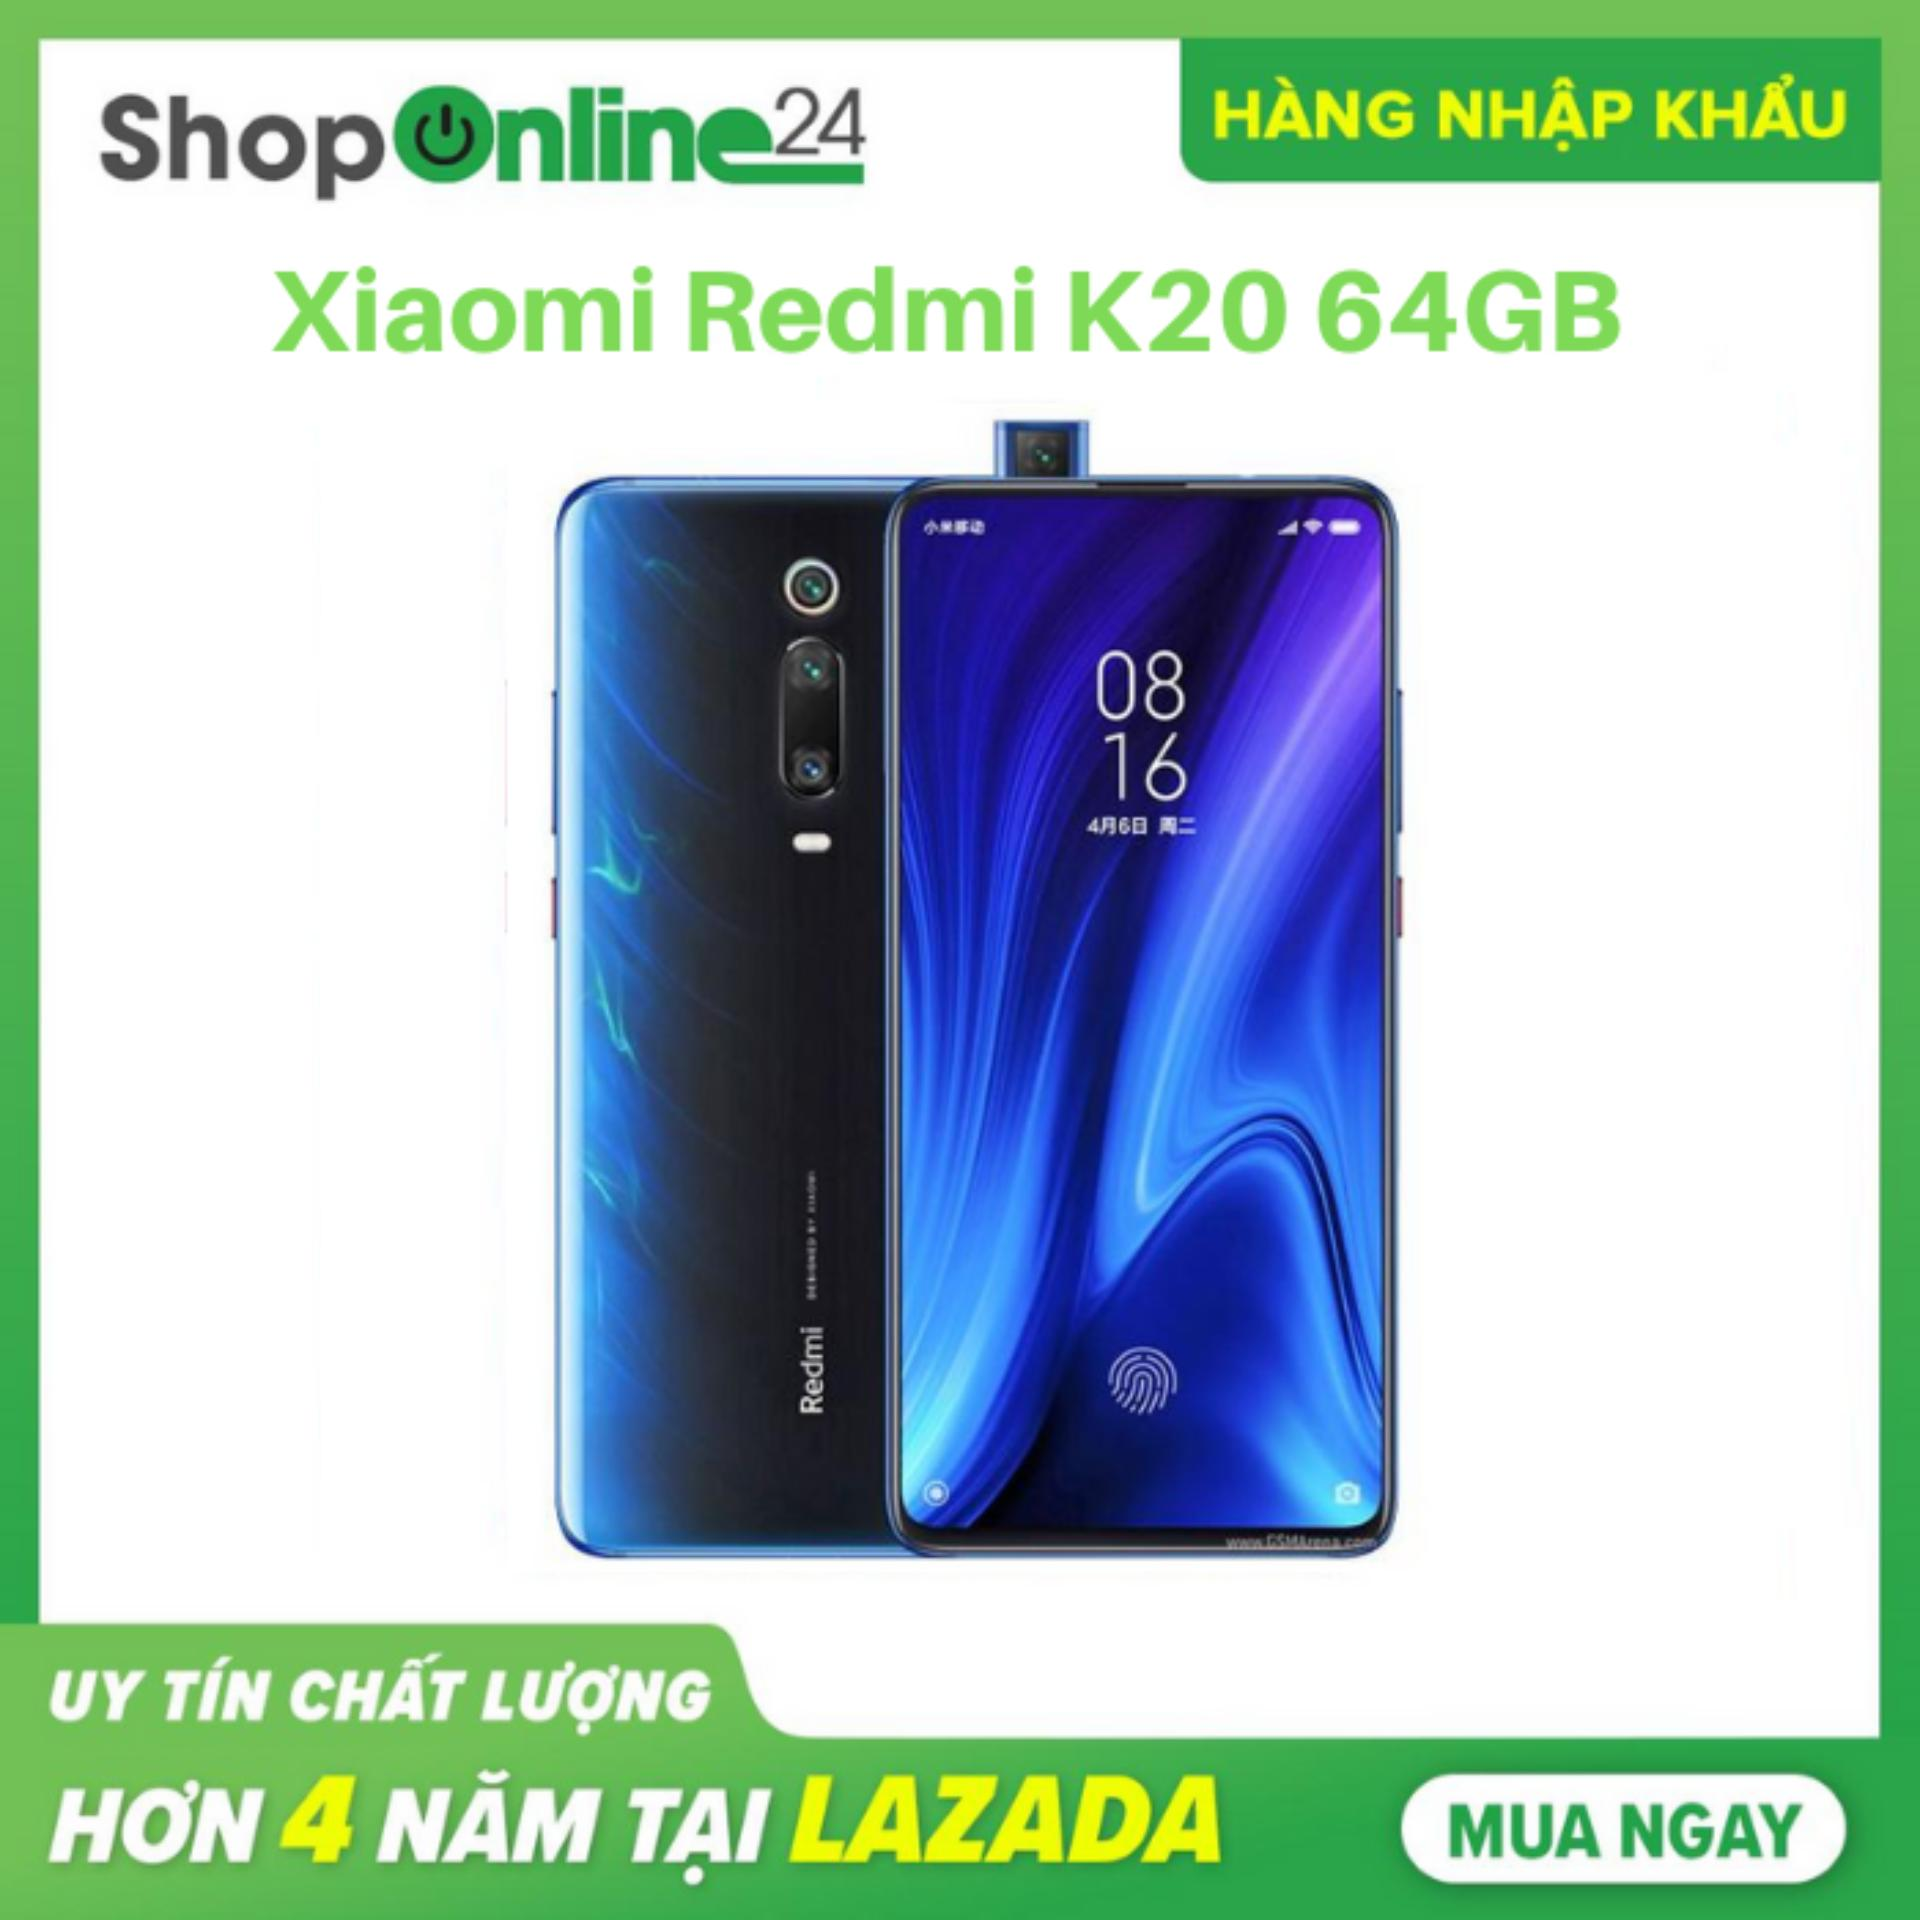 Xiaomi Redmi K20 64GB Ram 6GB - Hàng nhập khẩu